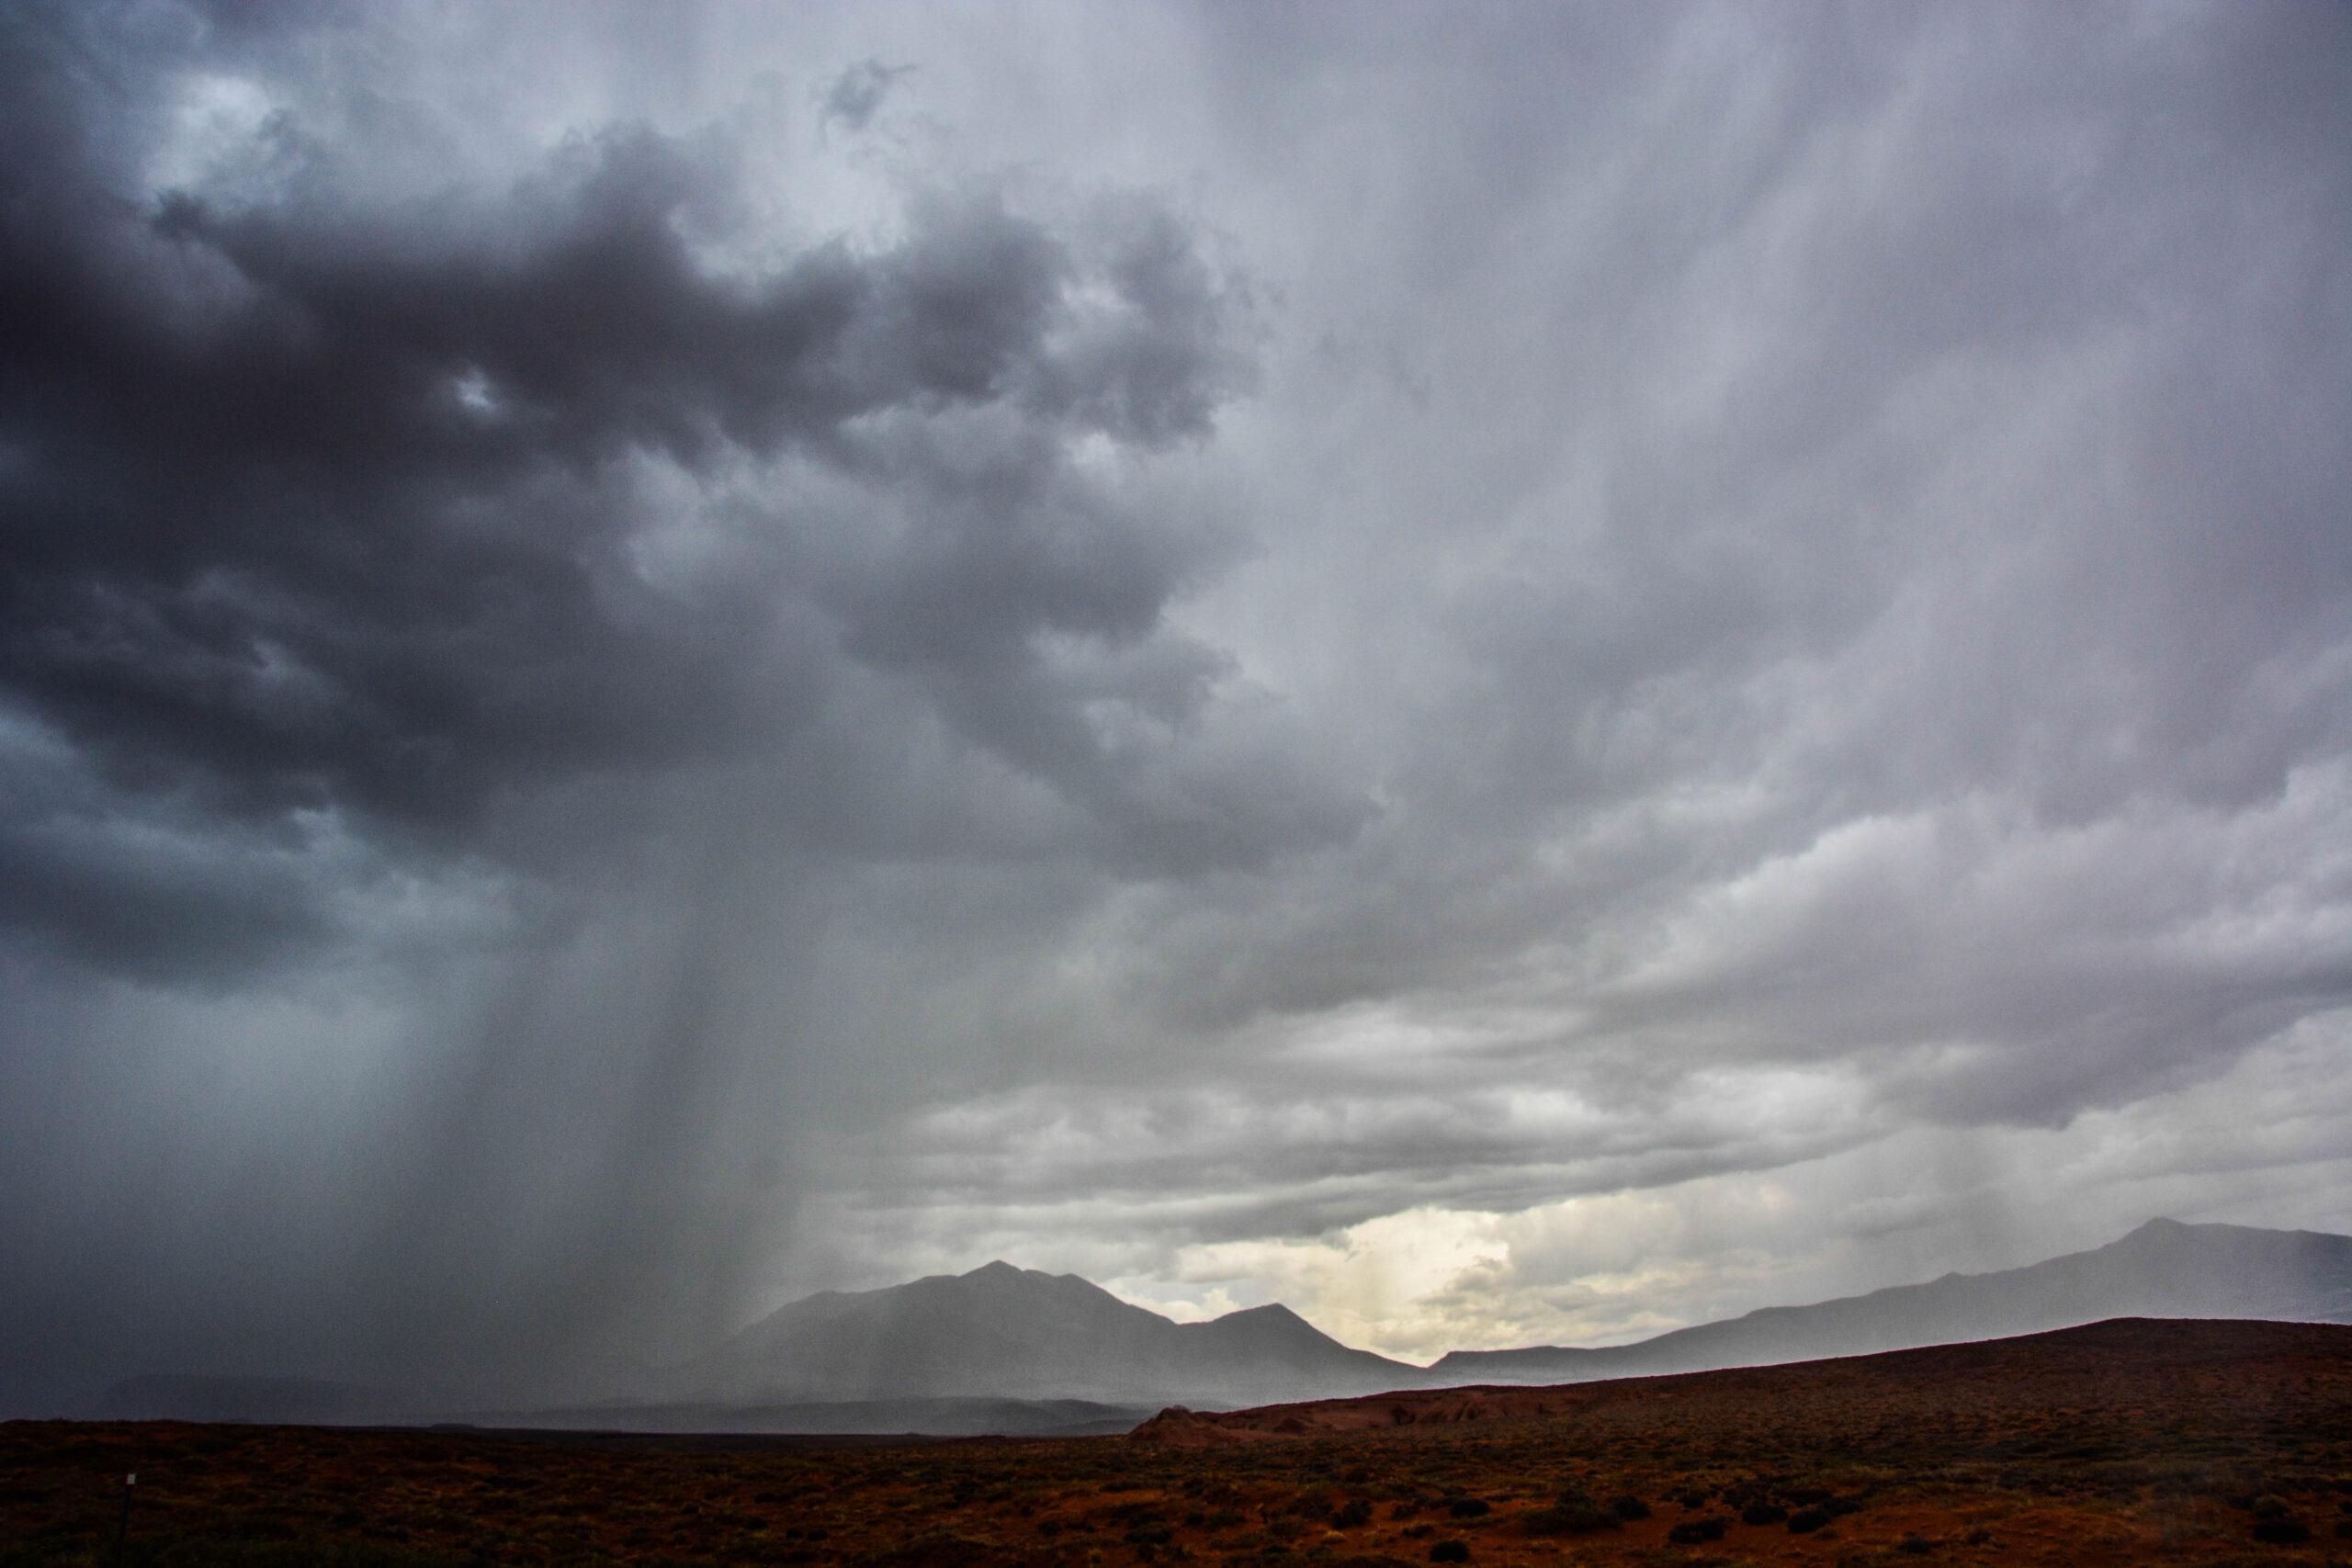 Πρόγνωση Θεσσαλίας και Σποράδων 17-18/6/21 Αστάθεια κυρίως στα ορεινά (+χάρτης βροχής)